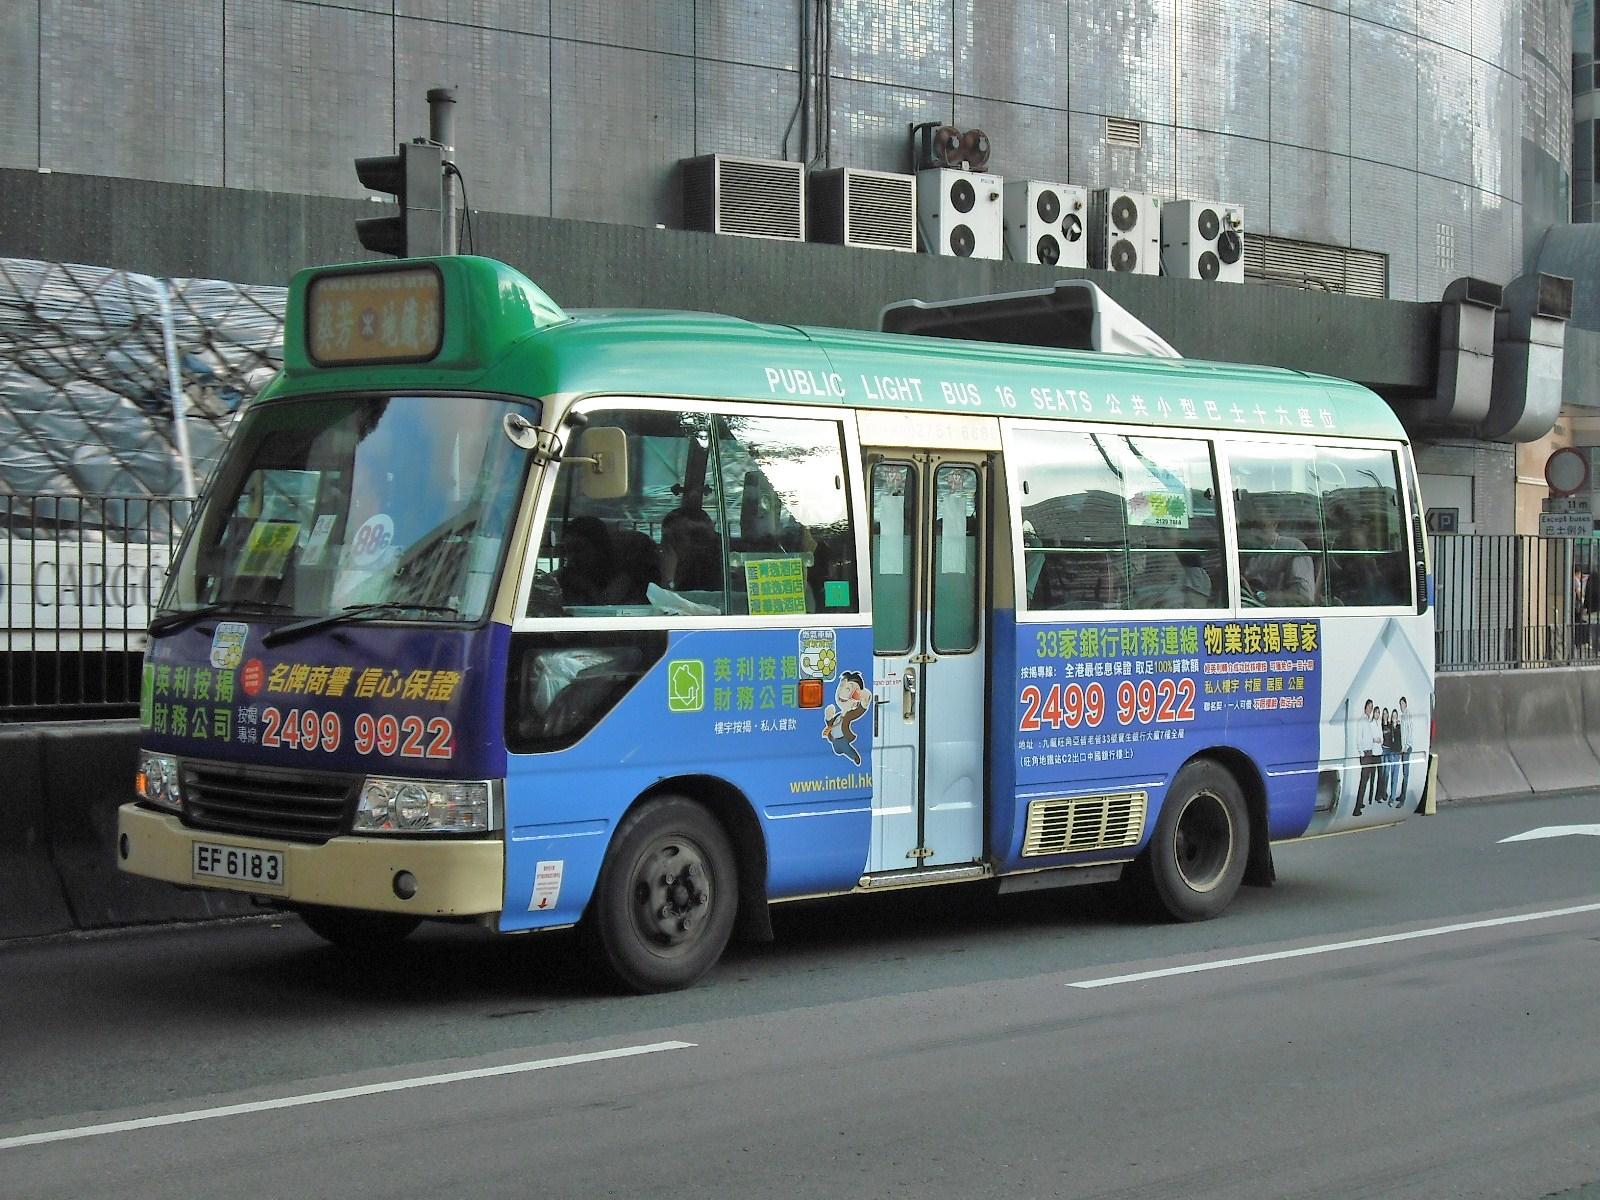 新界專綫小巴88G線